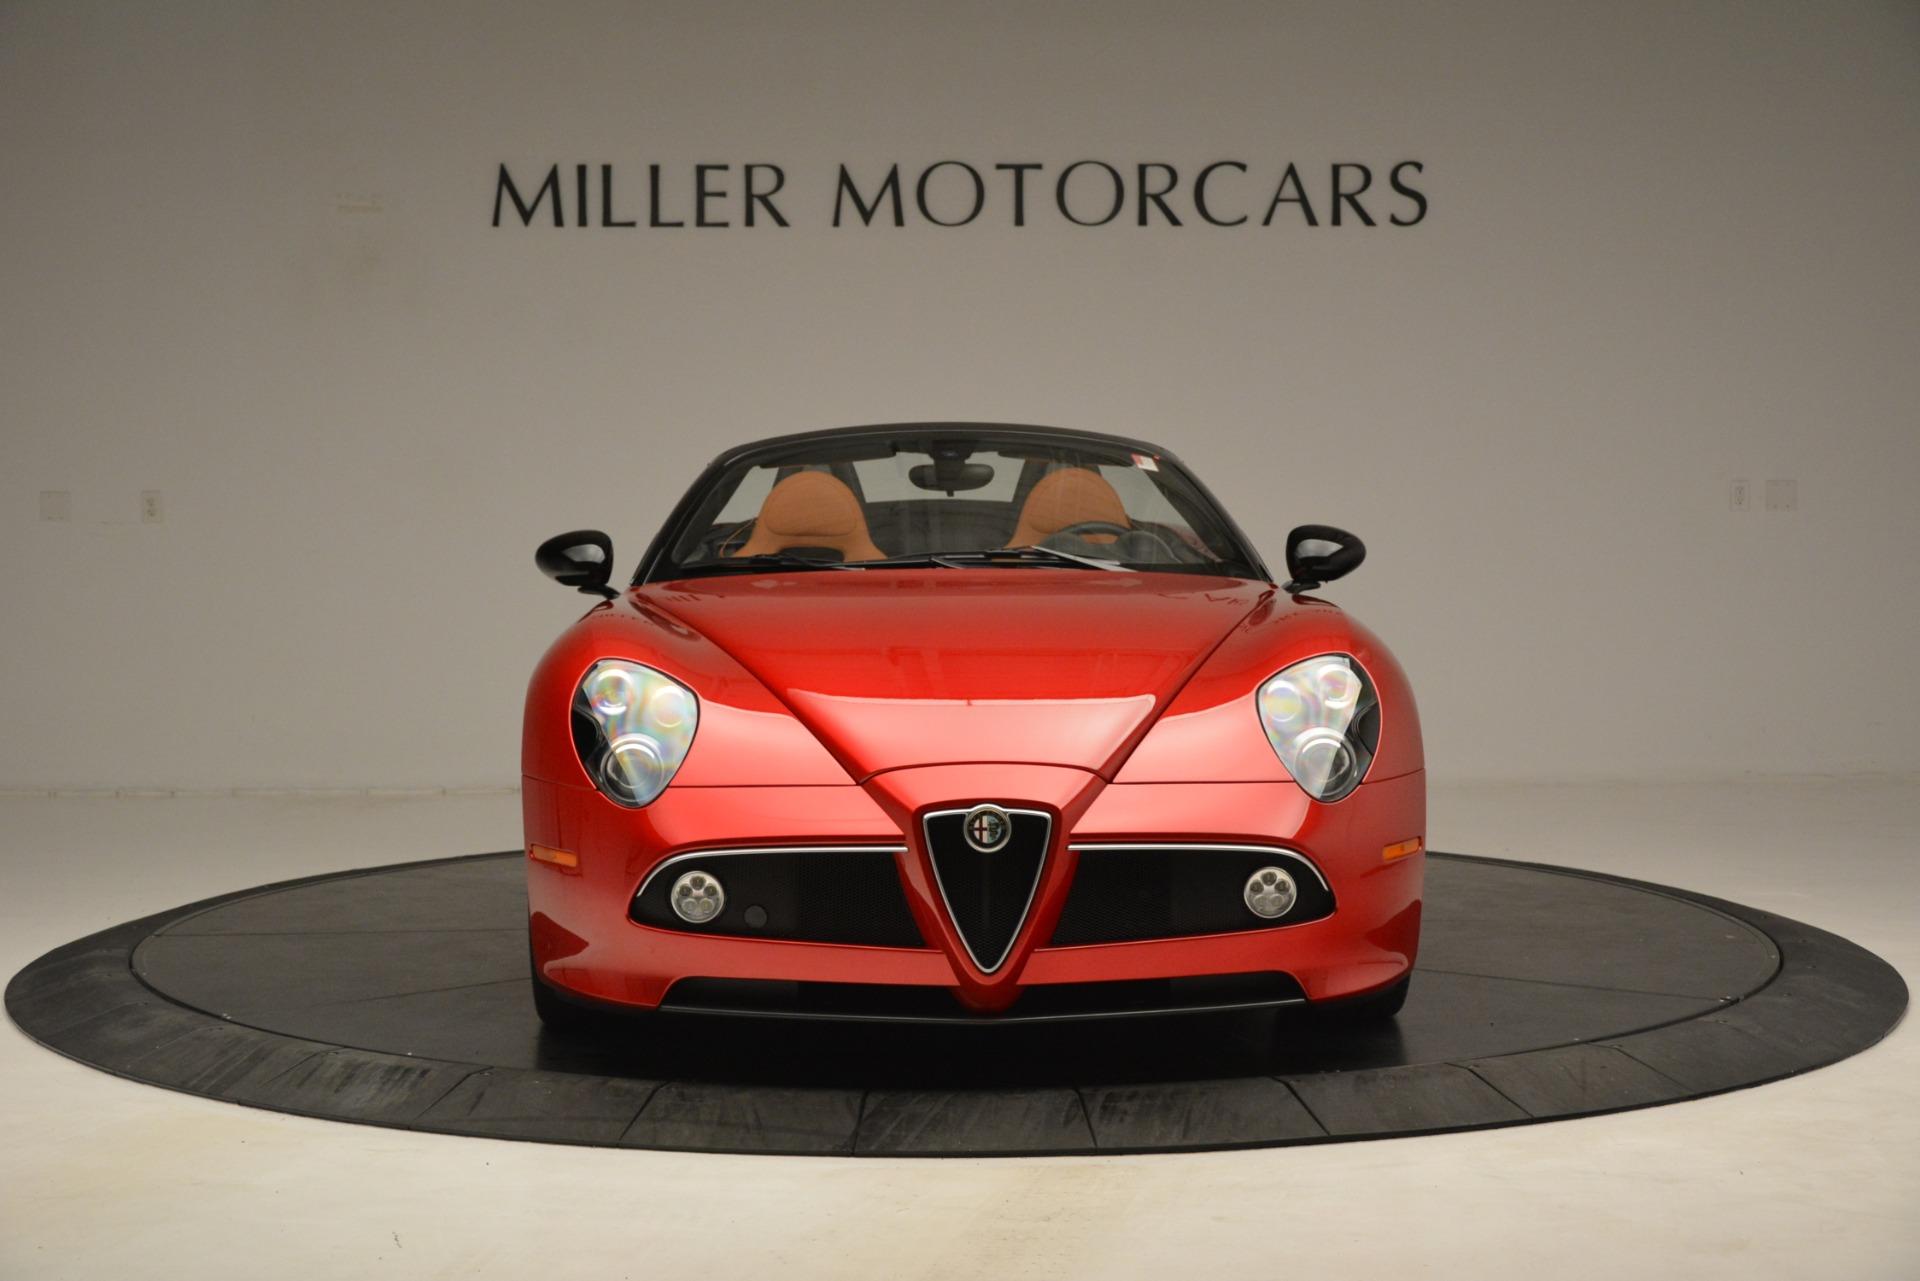 Used 2009 Alfa Romeo 8c Spider  For Sale In Westport, CT 3302_p7